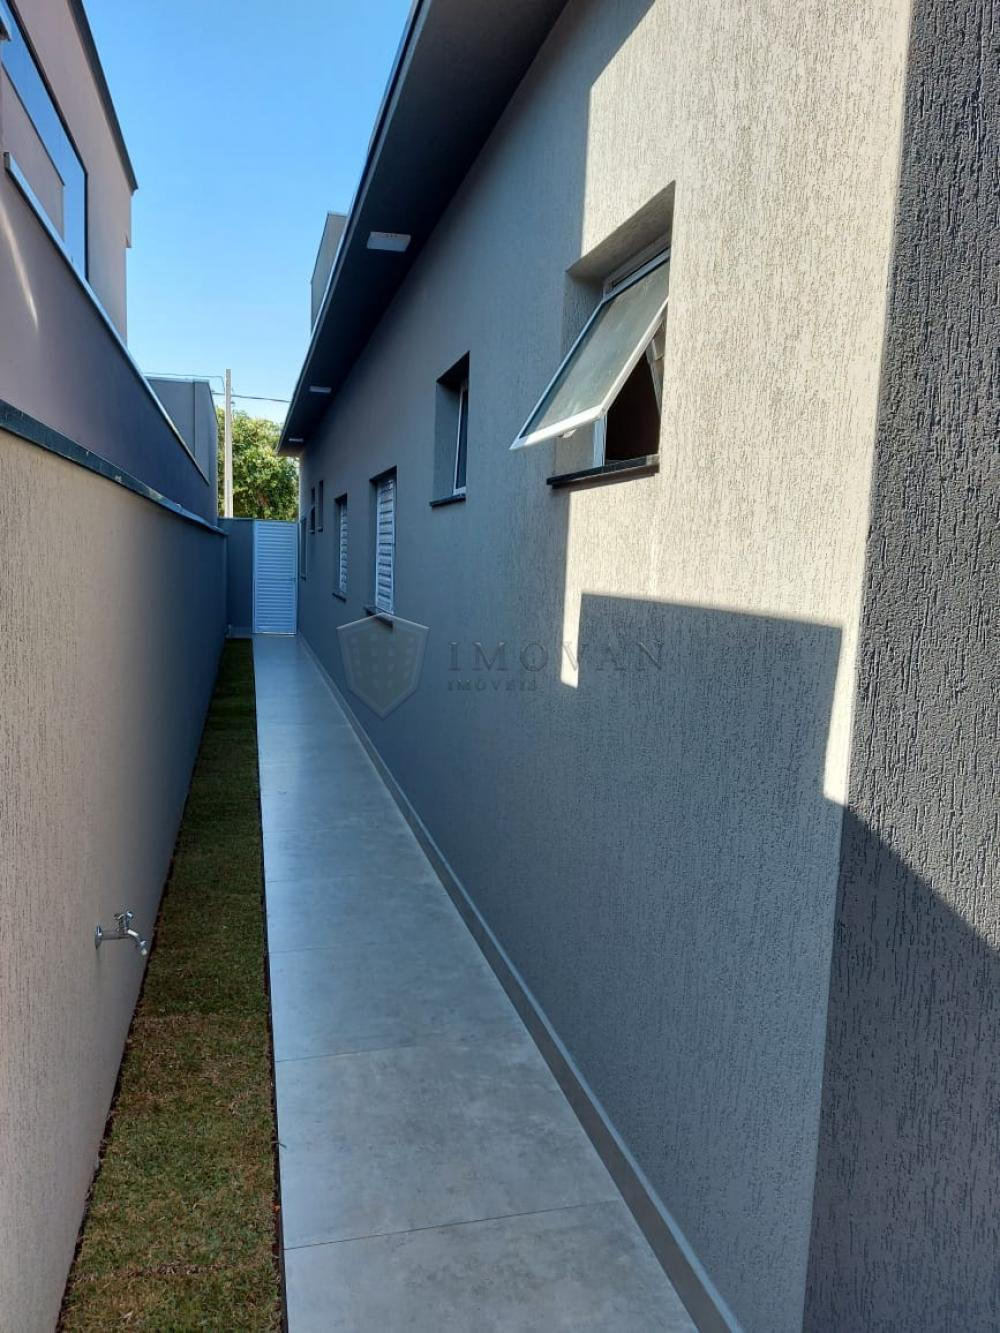 Comprar Casa / Condomínio em Bonfim Paulista R$ 850.000,00 - Foto 12